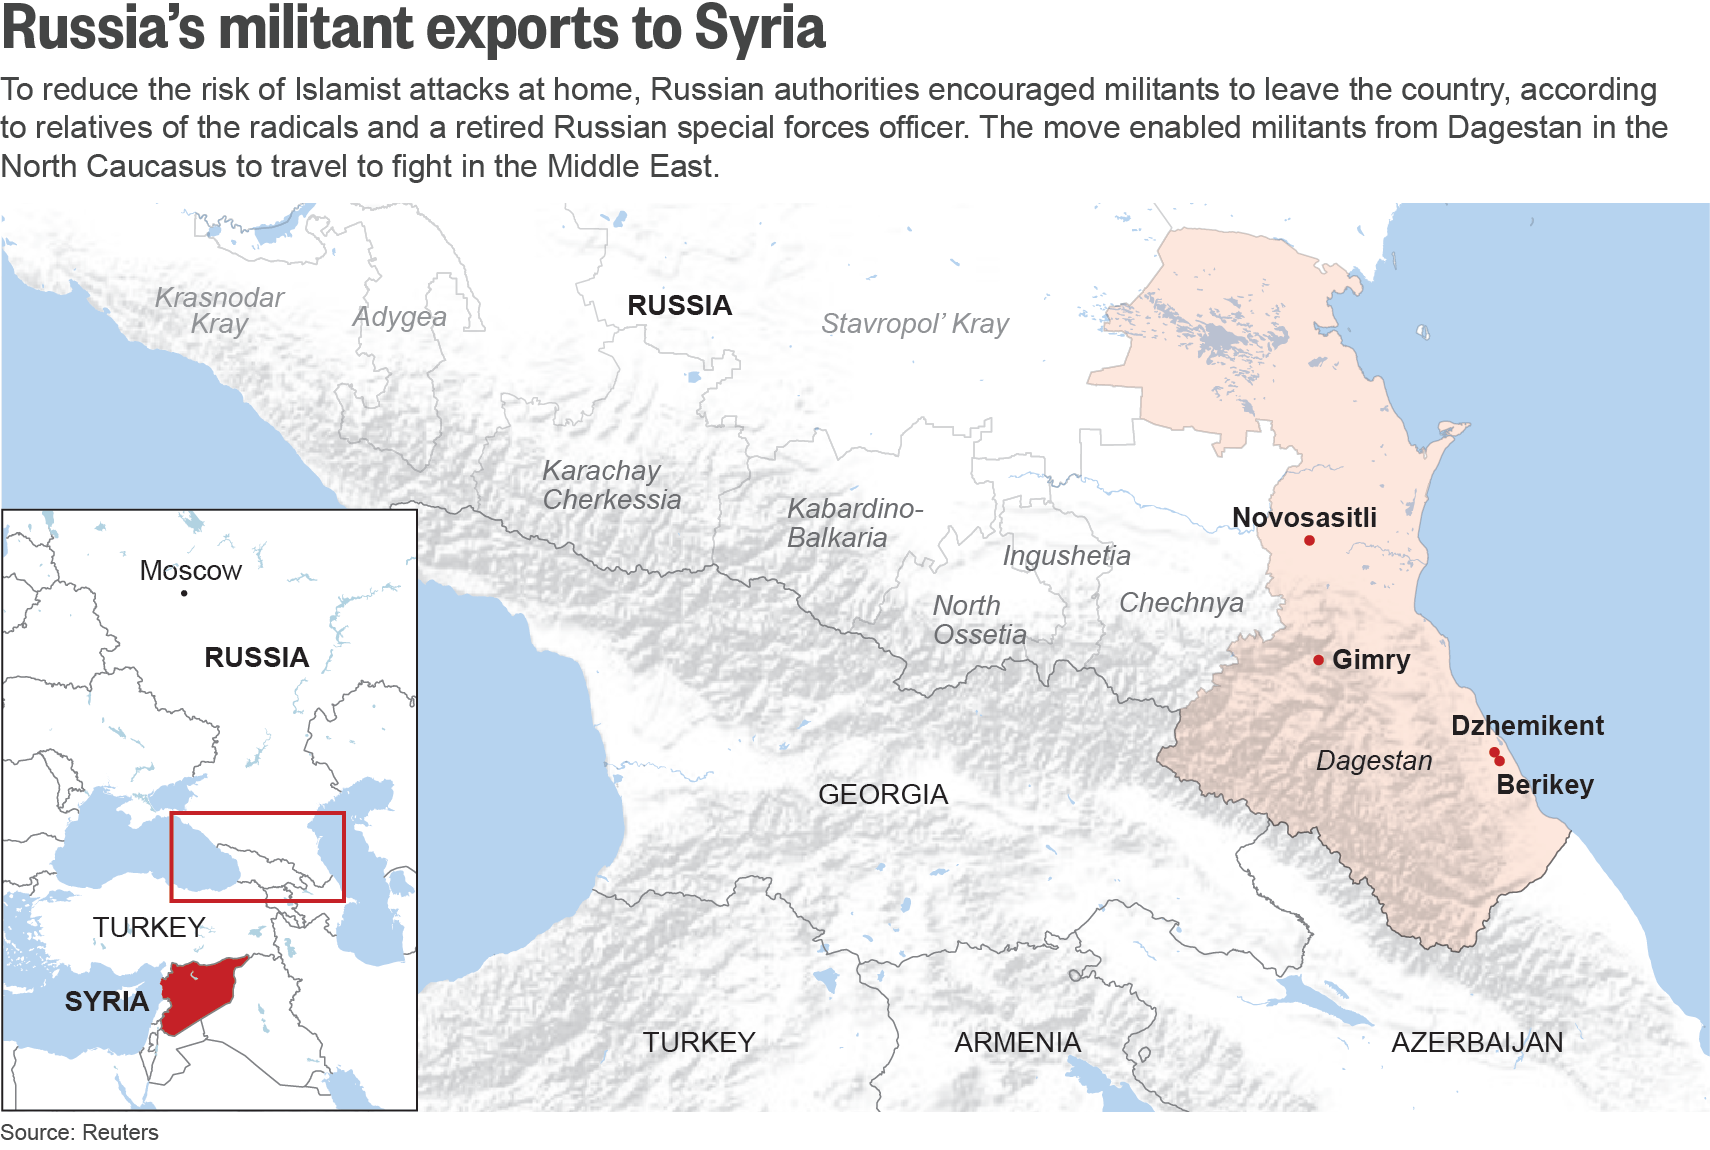 Jihadisti del Daghestan